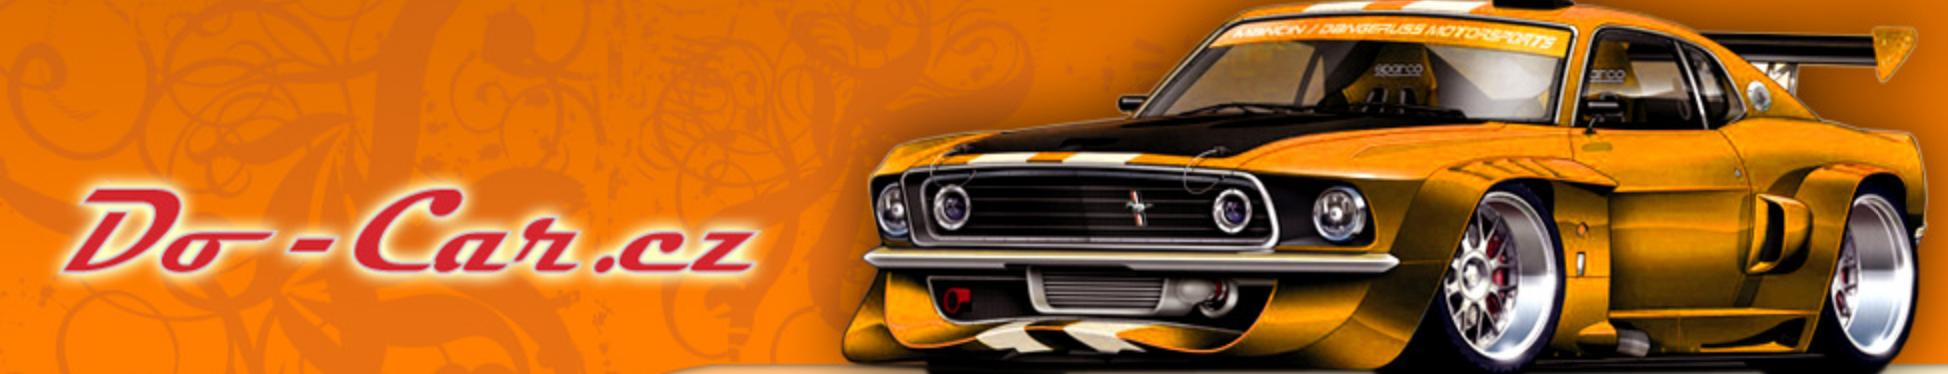 logo firmy DO-CAR